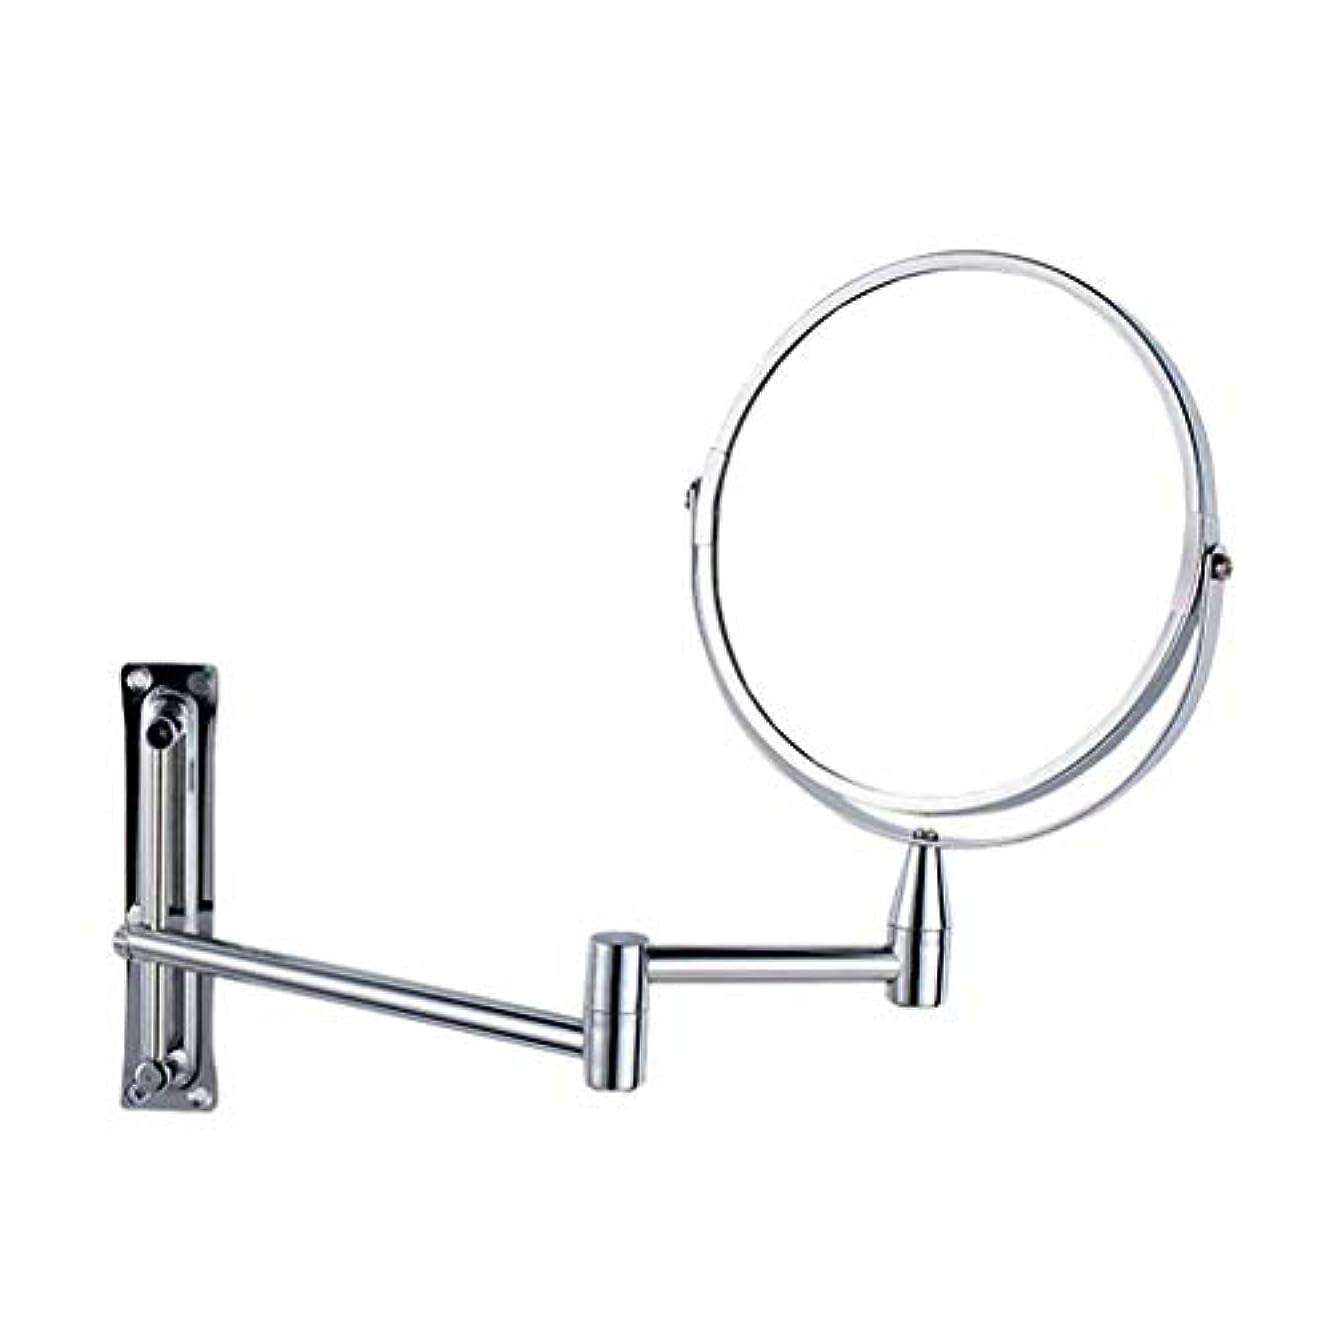 うねる中毒カストディアンACMEDE 両面化粧鏡 壁付け 折りたたみ 5倍拡大鏡+等倍 360度回転 伸縮可能 壁付けミラー 洋式アームミラー メイク道具 洗面所に取り付け